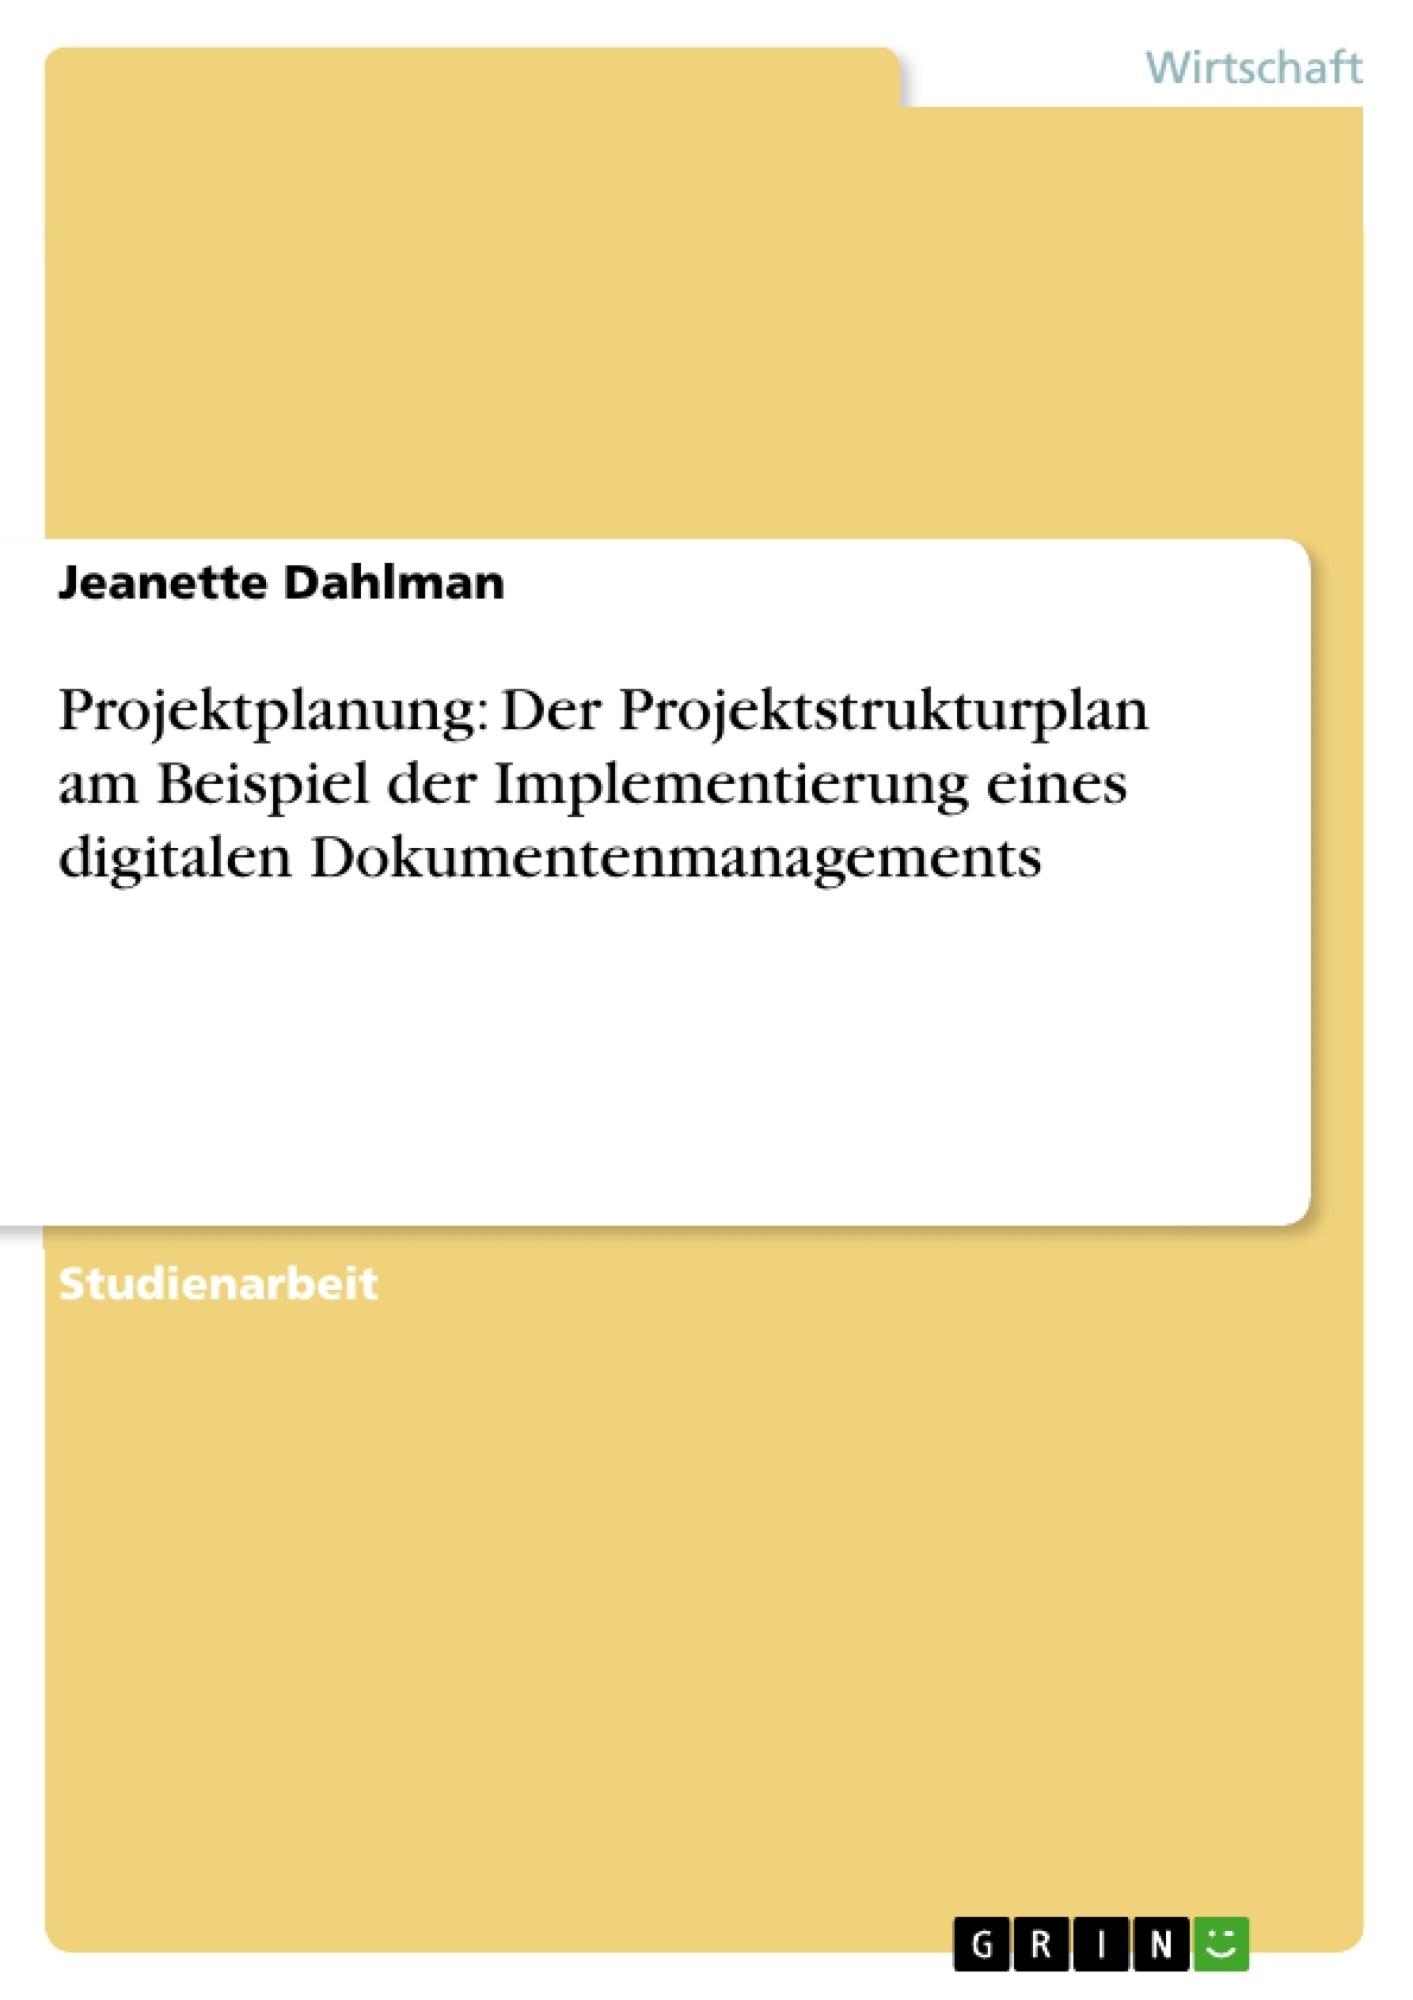 Titel: Projektplanung: Der Projektstrukturplan am Beispiel der Implementierung eines digitalen Dokumentenmanagements